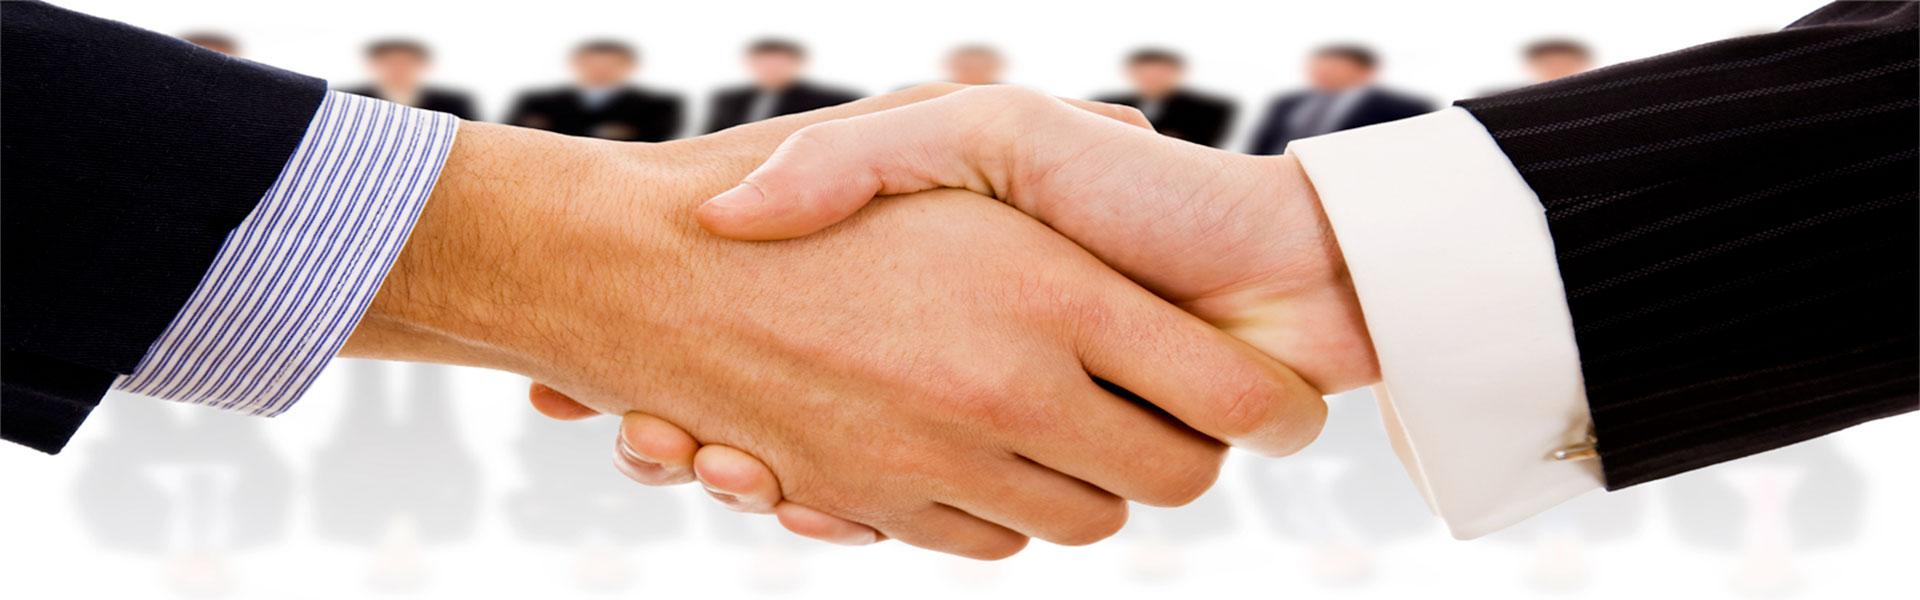 slider-hands